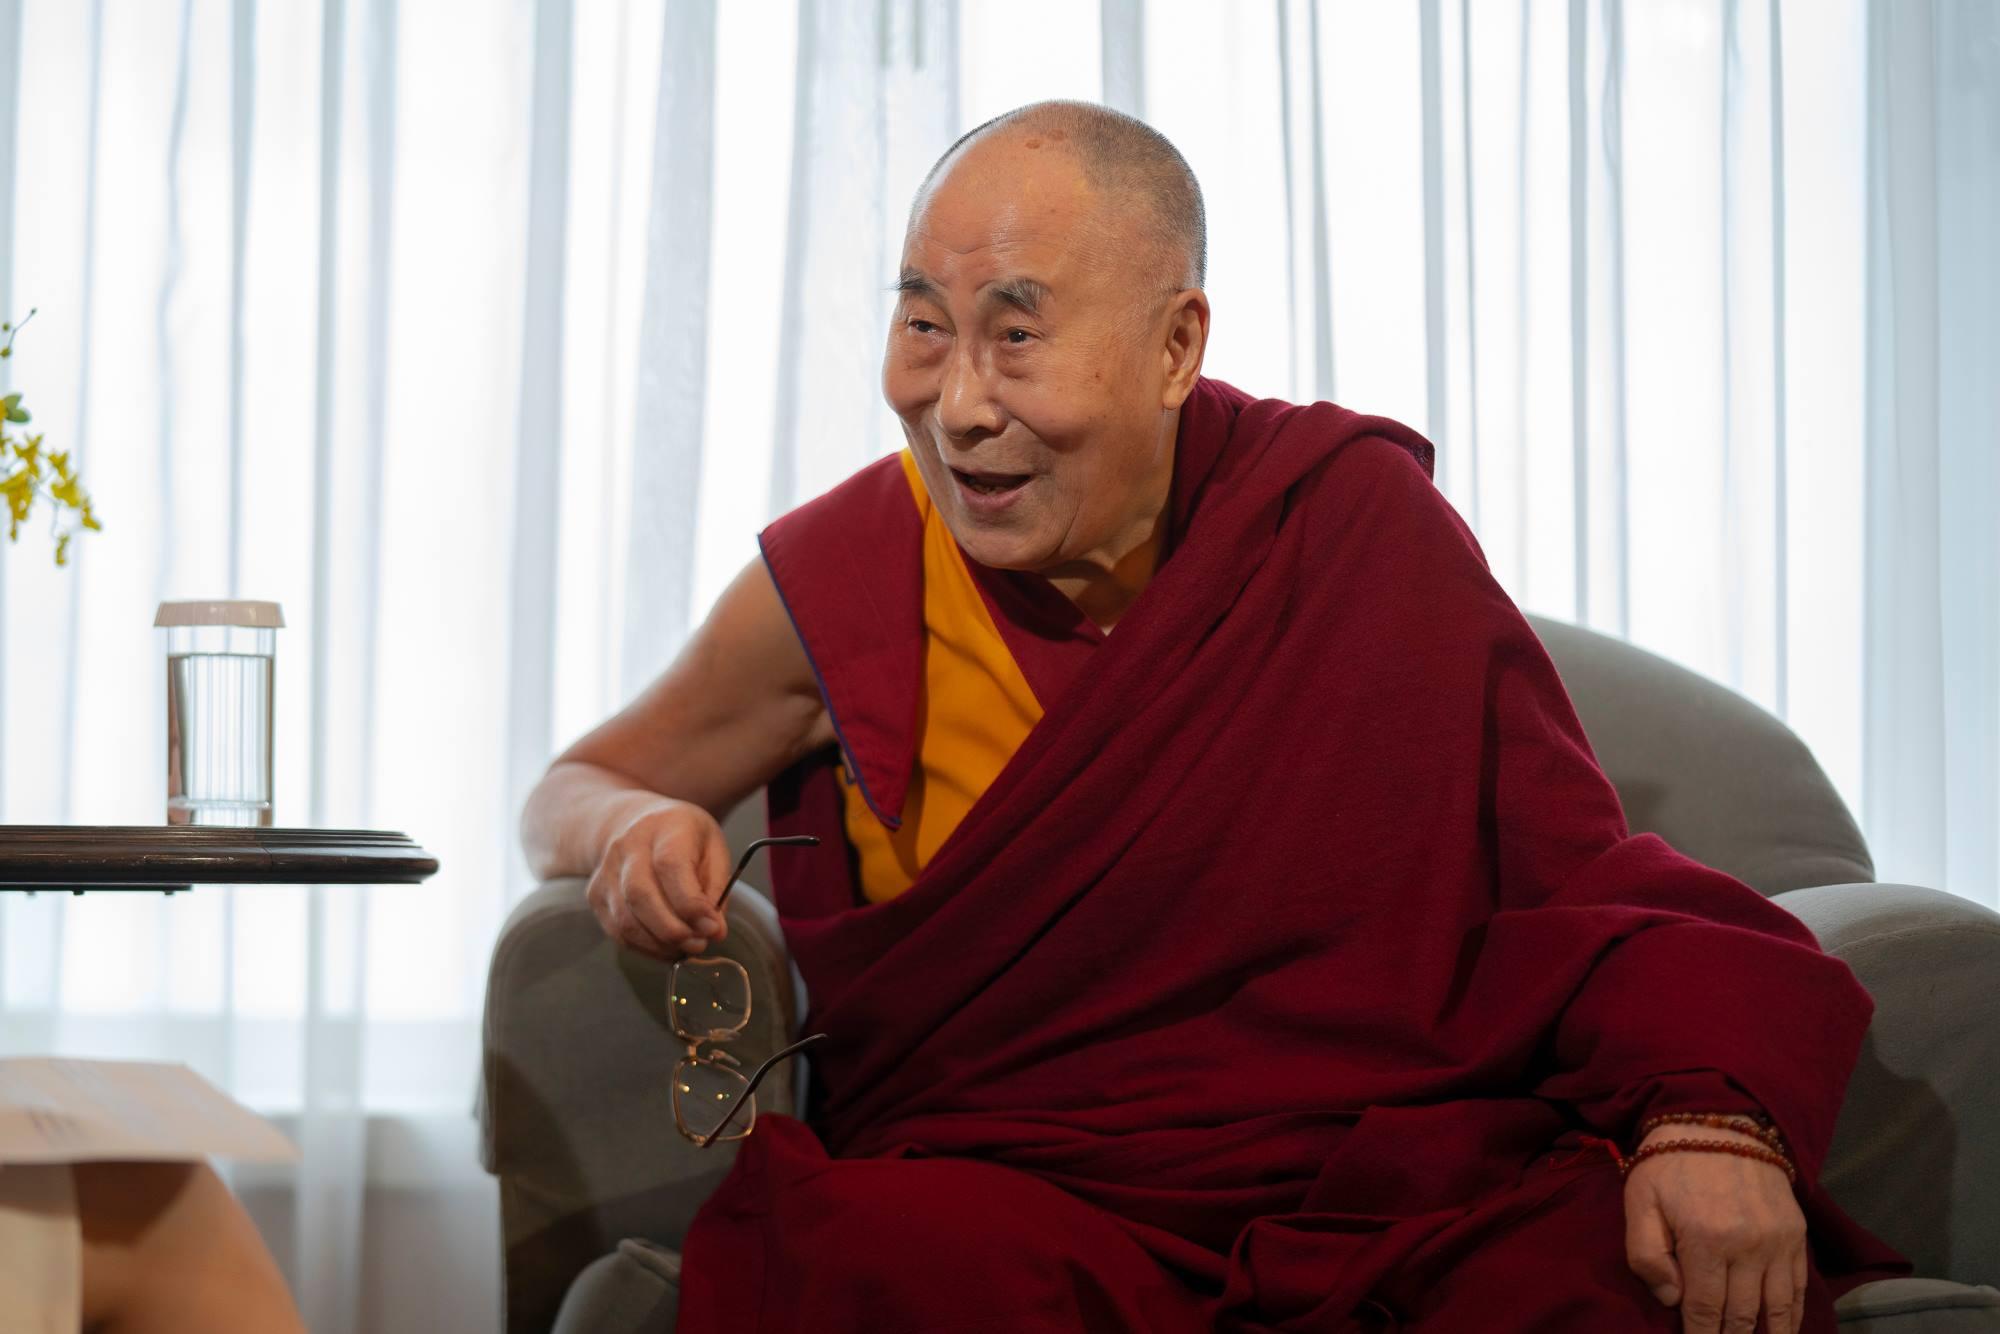 華府內幕消息指出,總統府秘書長陳菊曾代表總統蔡英文5次承諾,邀請達賴喇嘛來台。圖片來源:Dalai Lama/Facebook